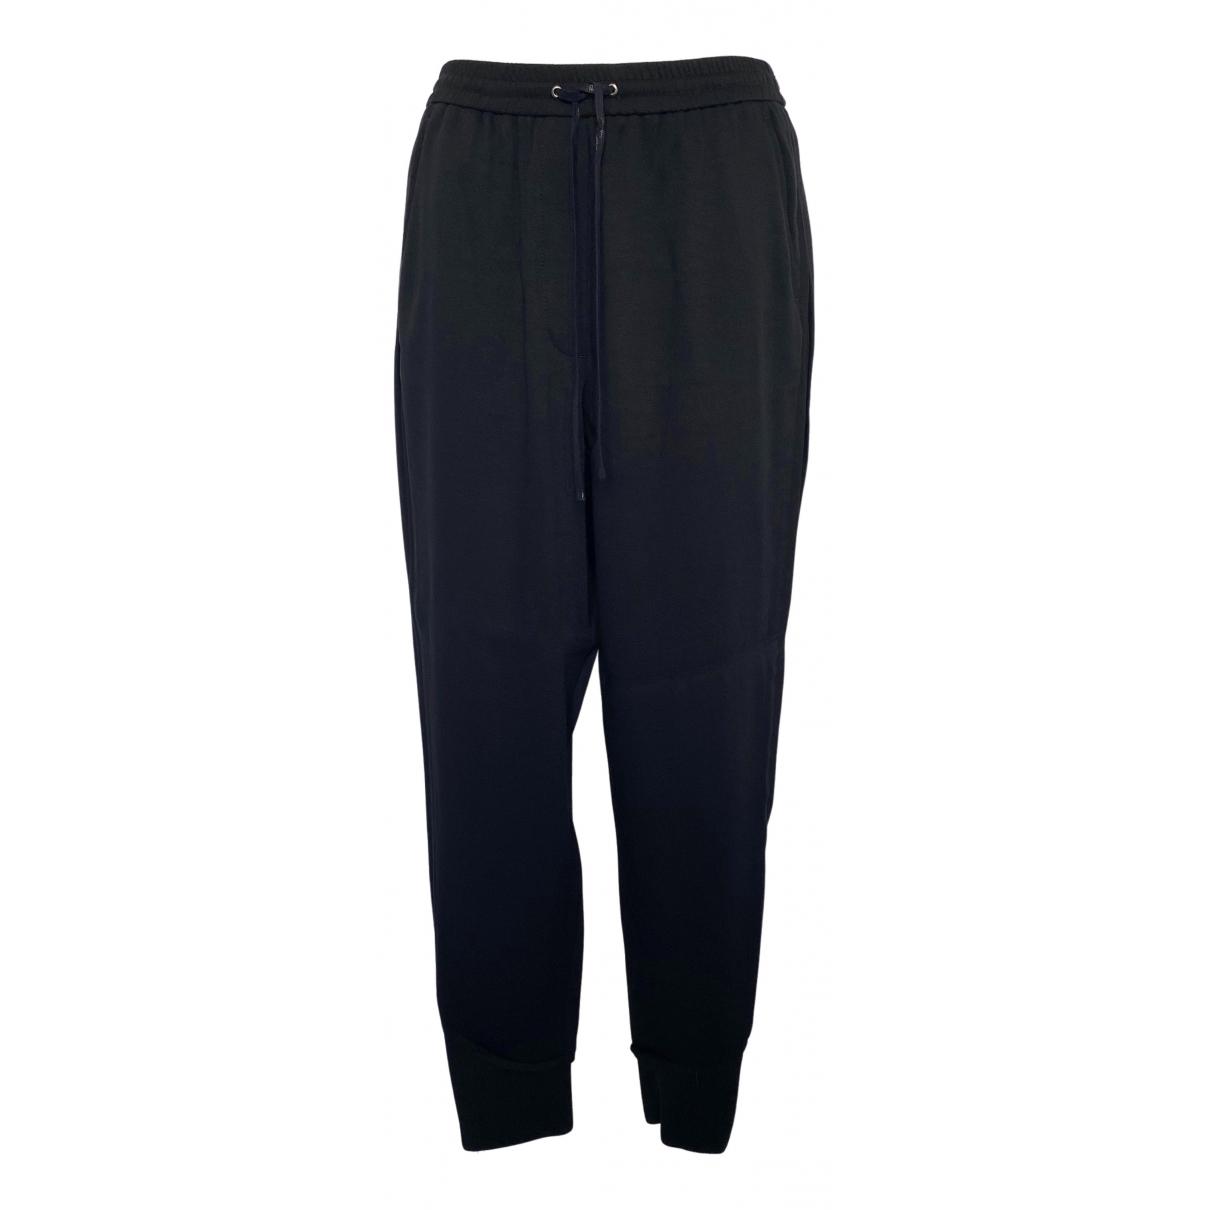 Pantalon zanahoria 3.1 Phillip Lim